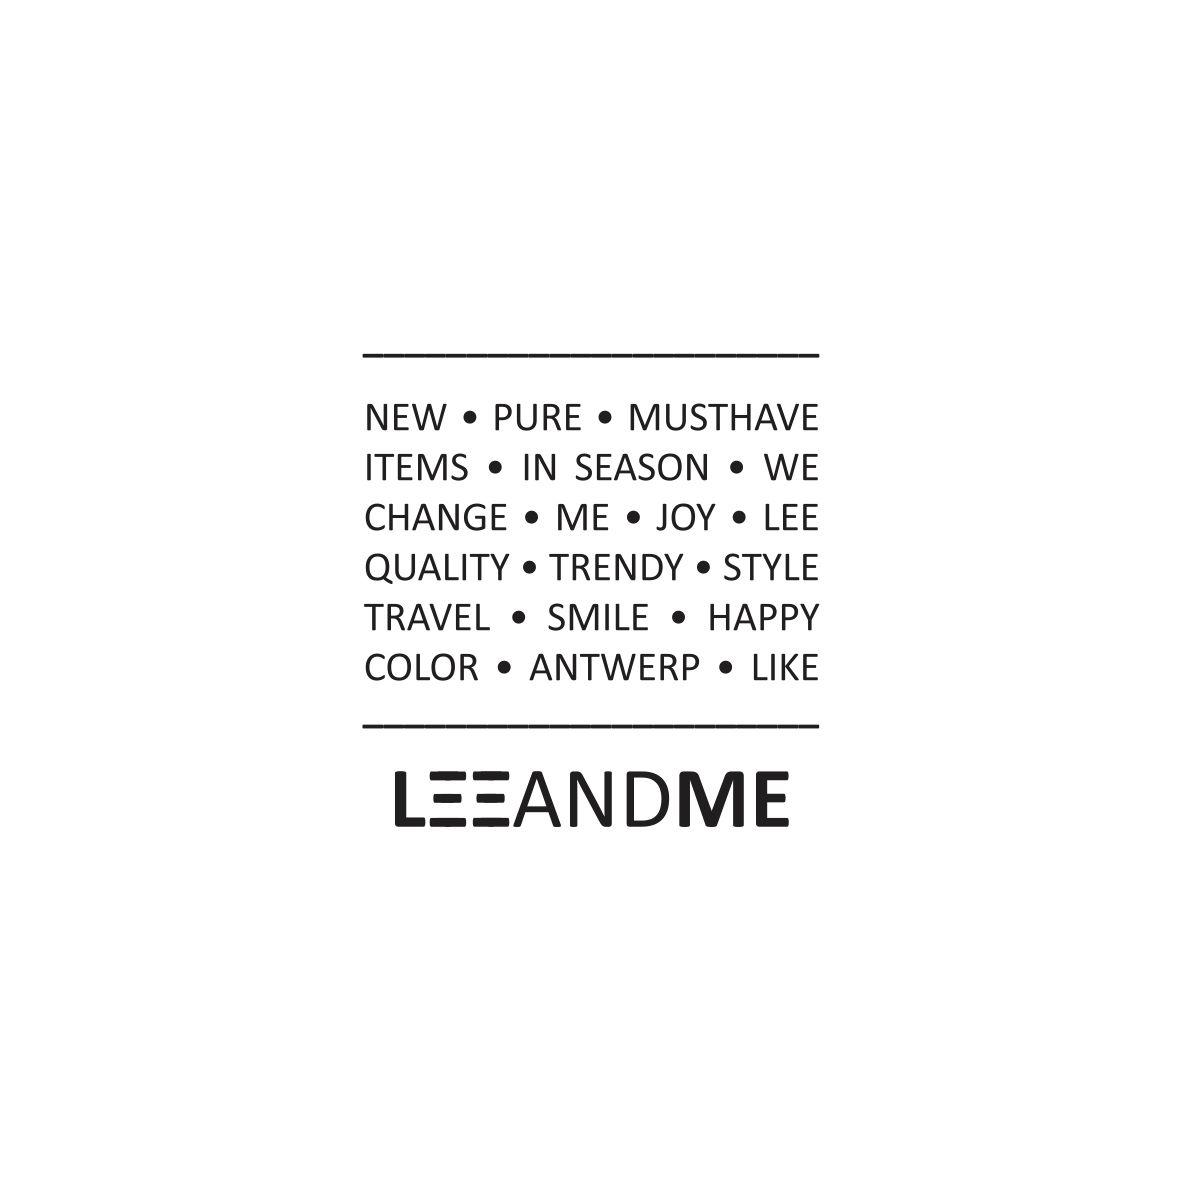 Leeandme